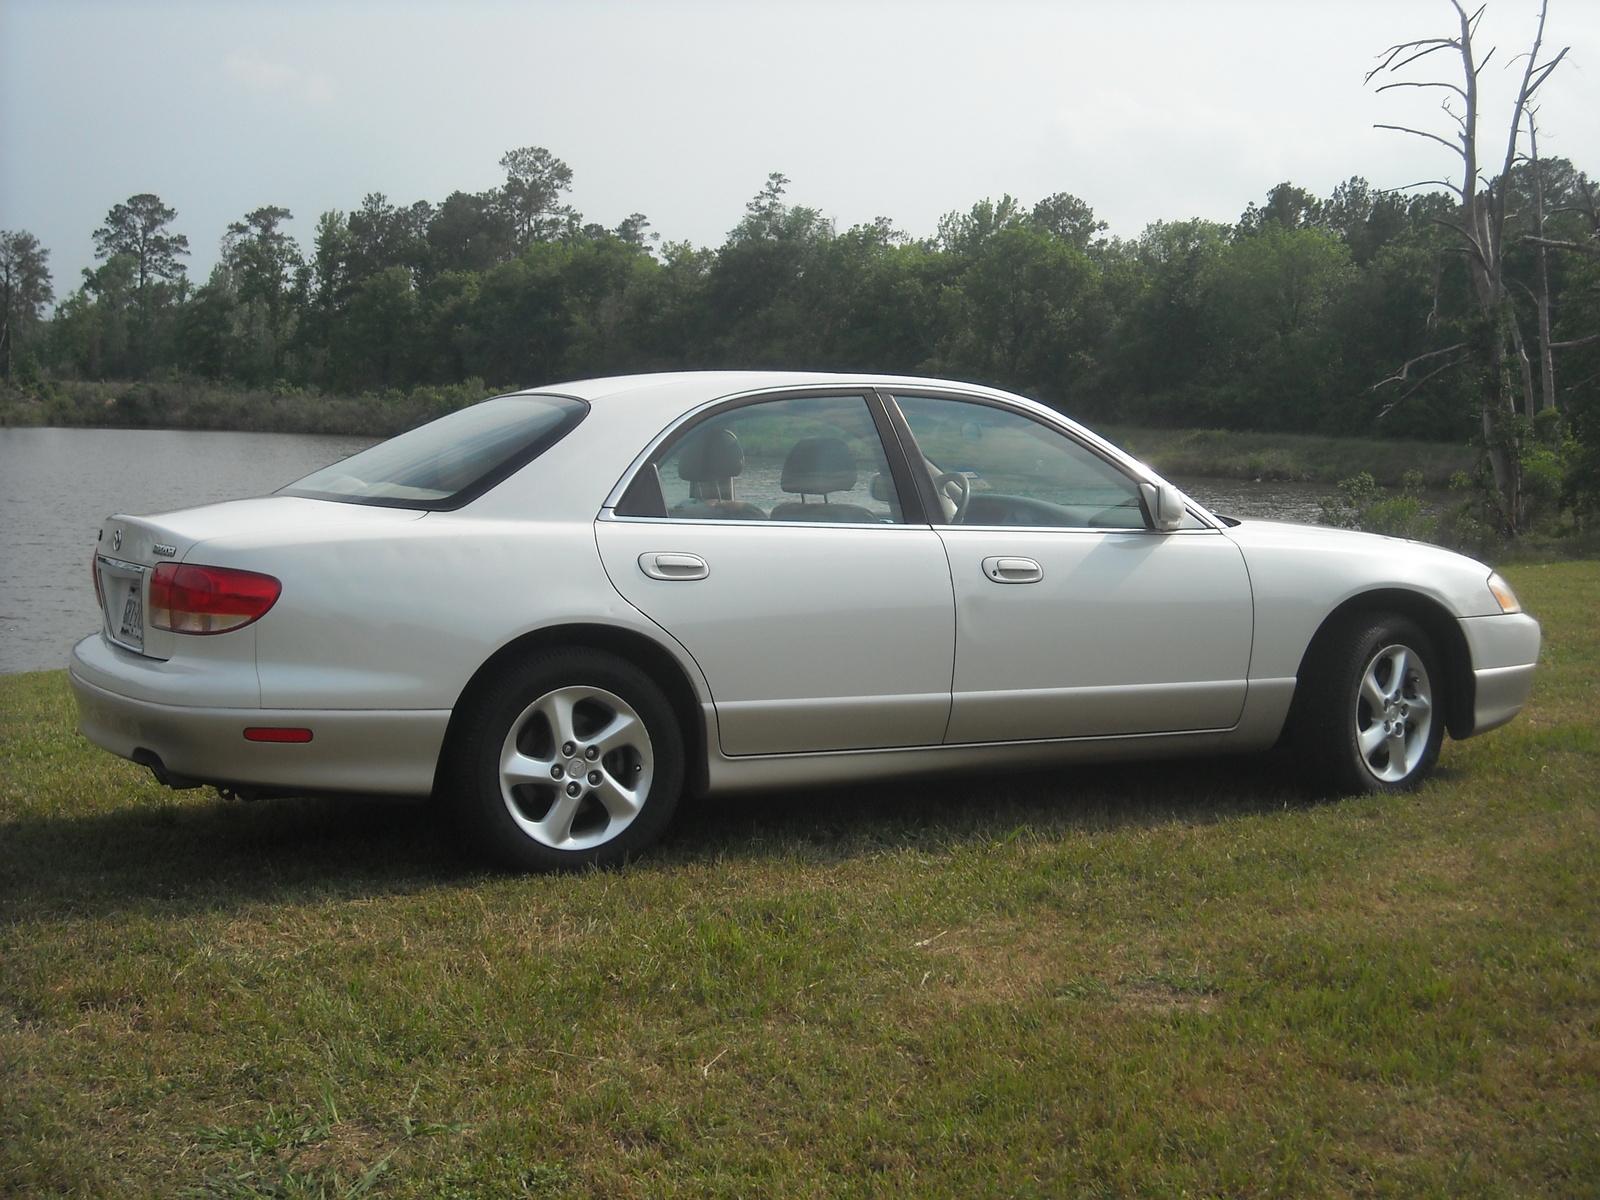 2001 Mazda Millenia Pictures Cargurus